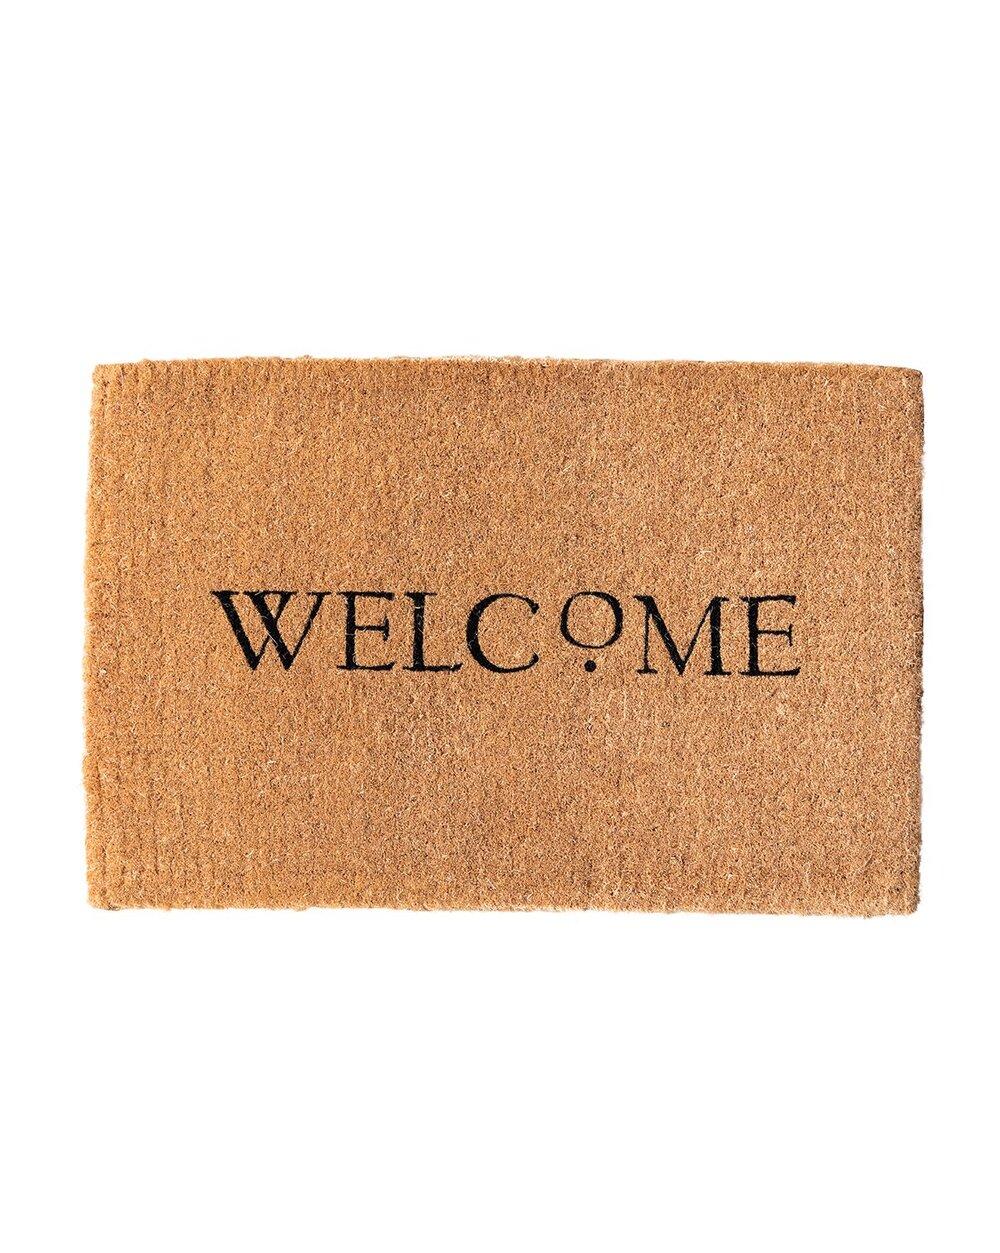 WelcomeDotDoormat.jpg